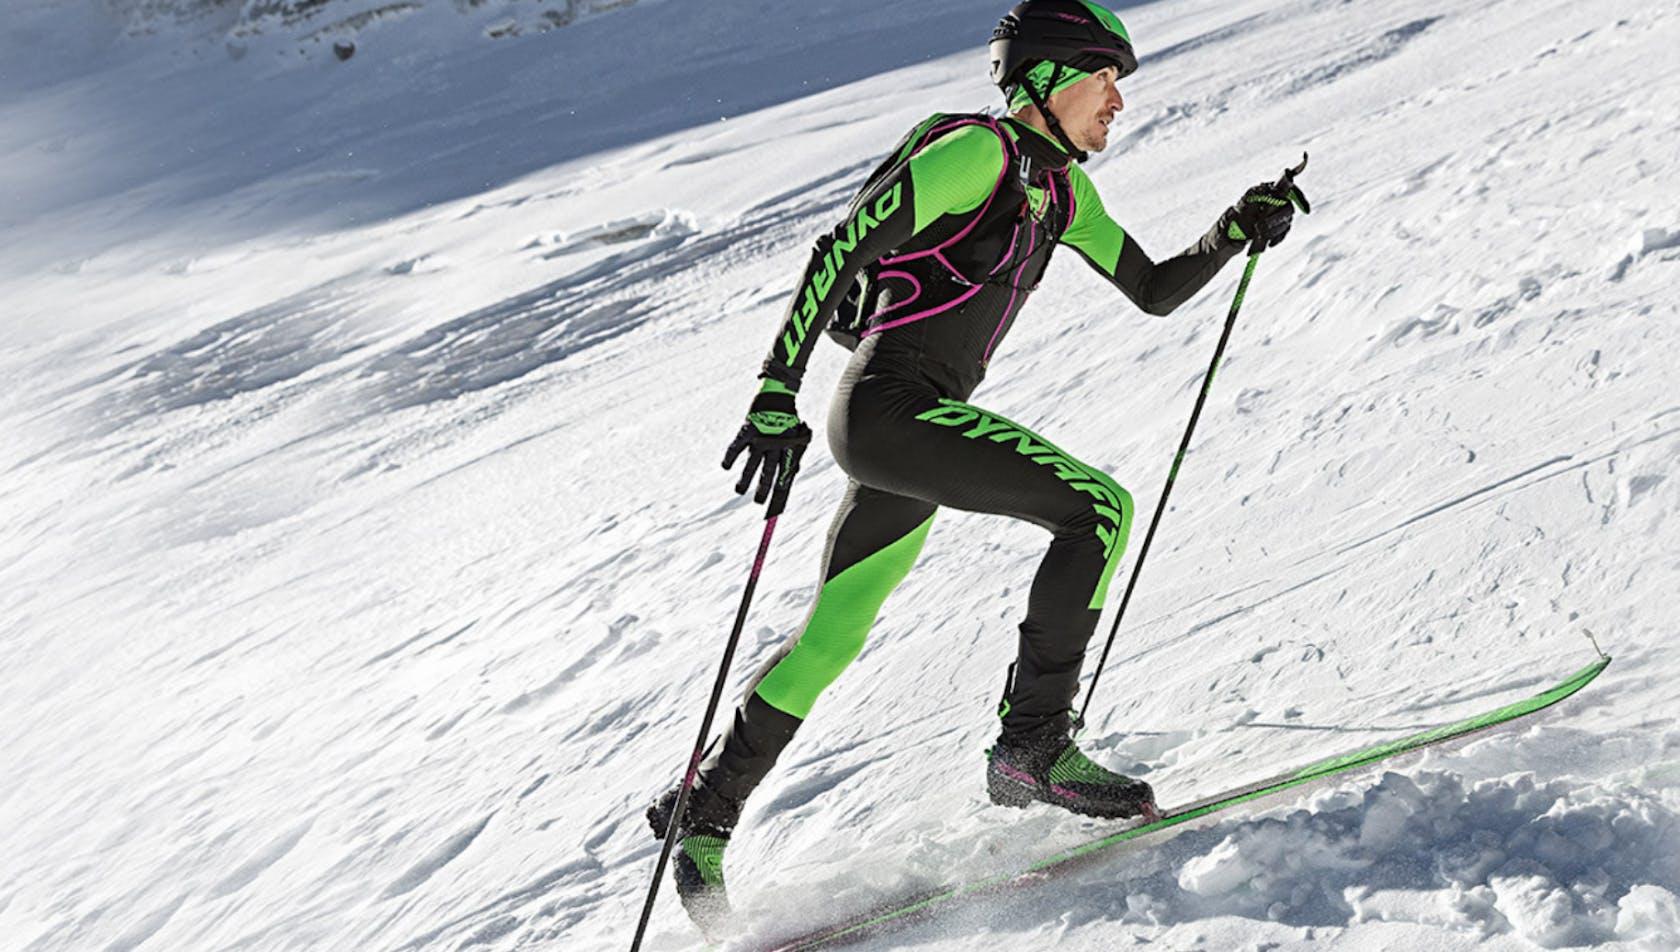 Skitour-Race